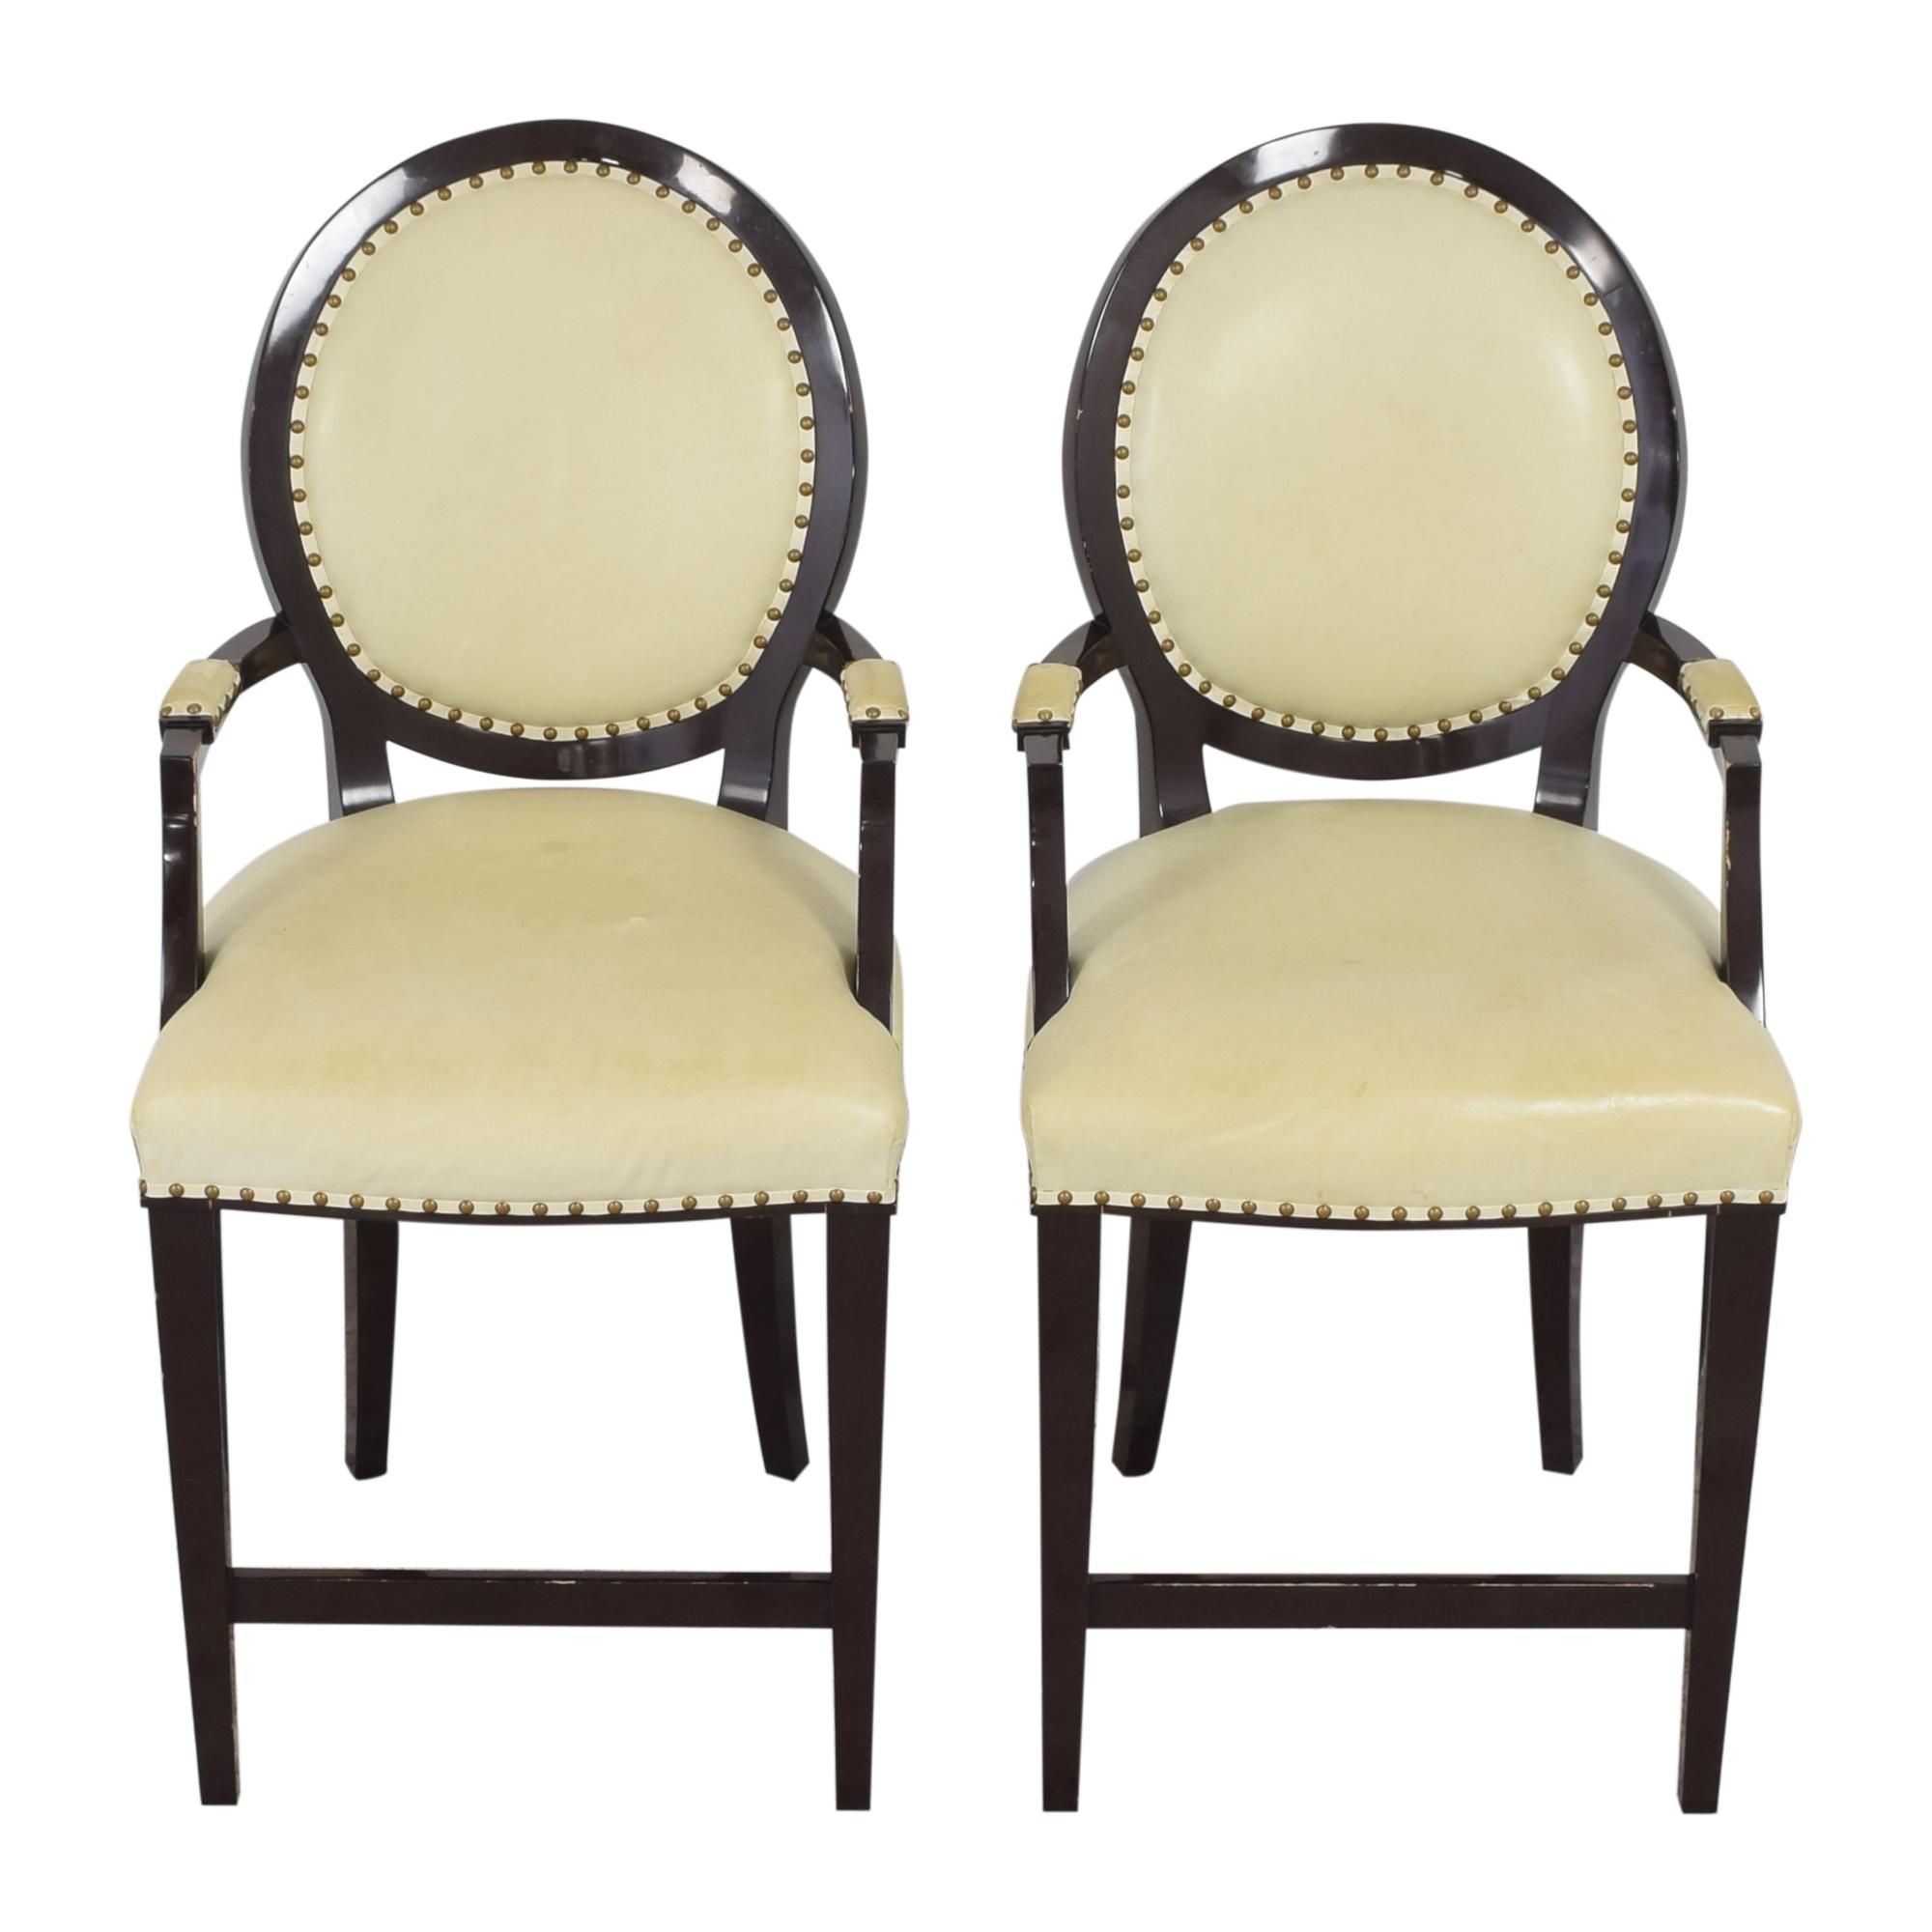 Nancy Corzine Nancy Corzine Louis XVI Arm Chairs for sale